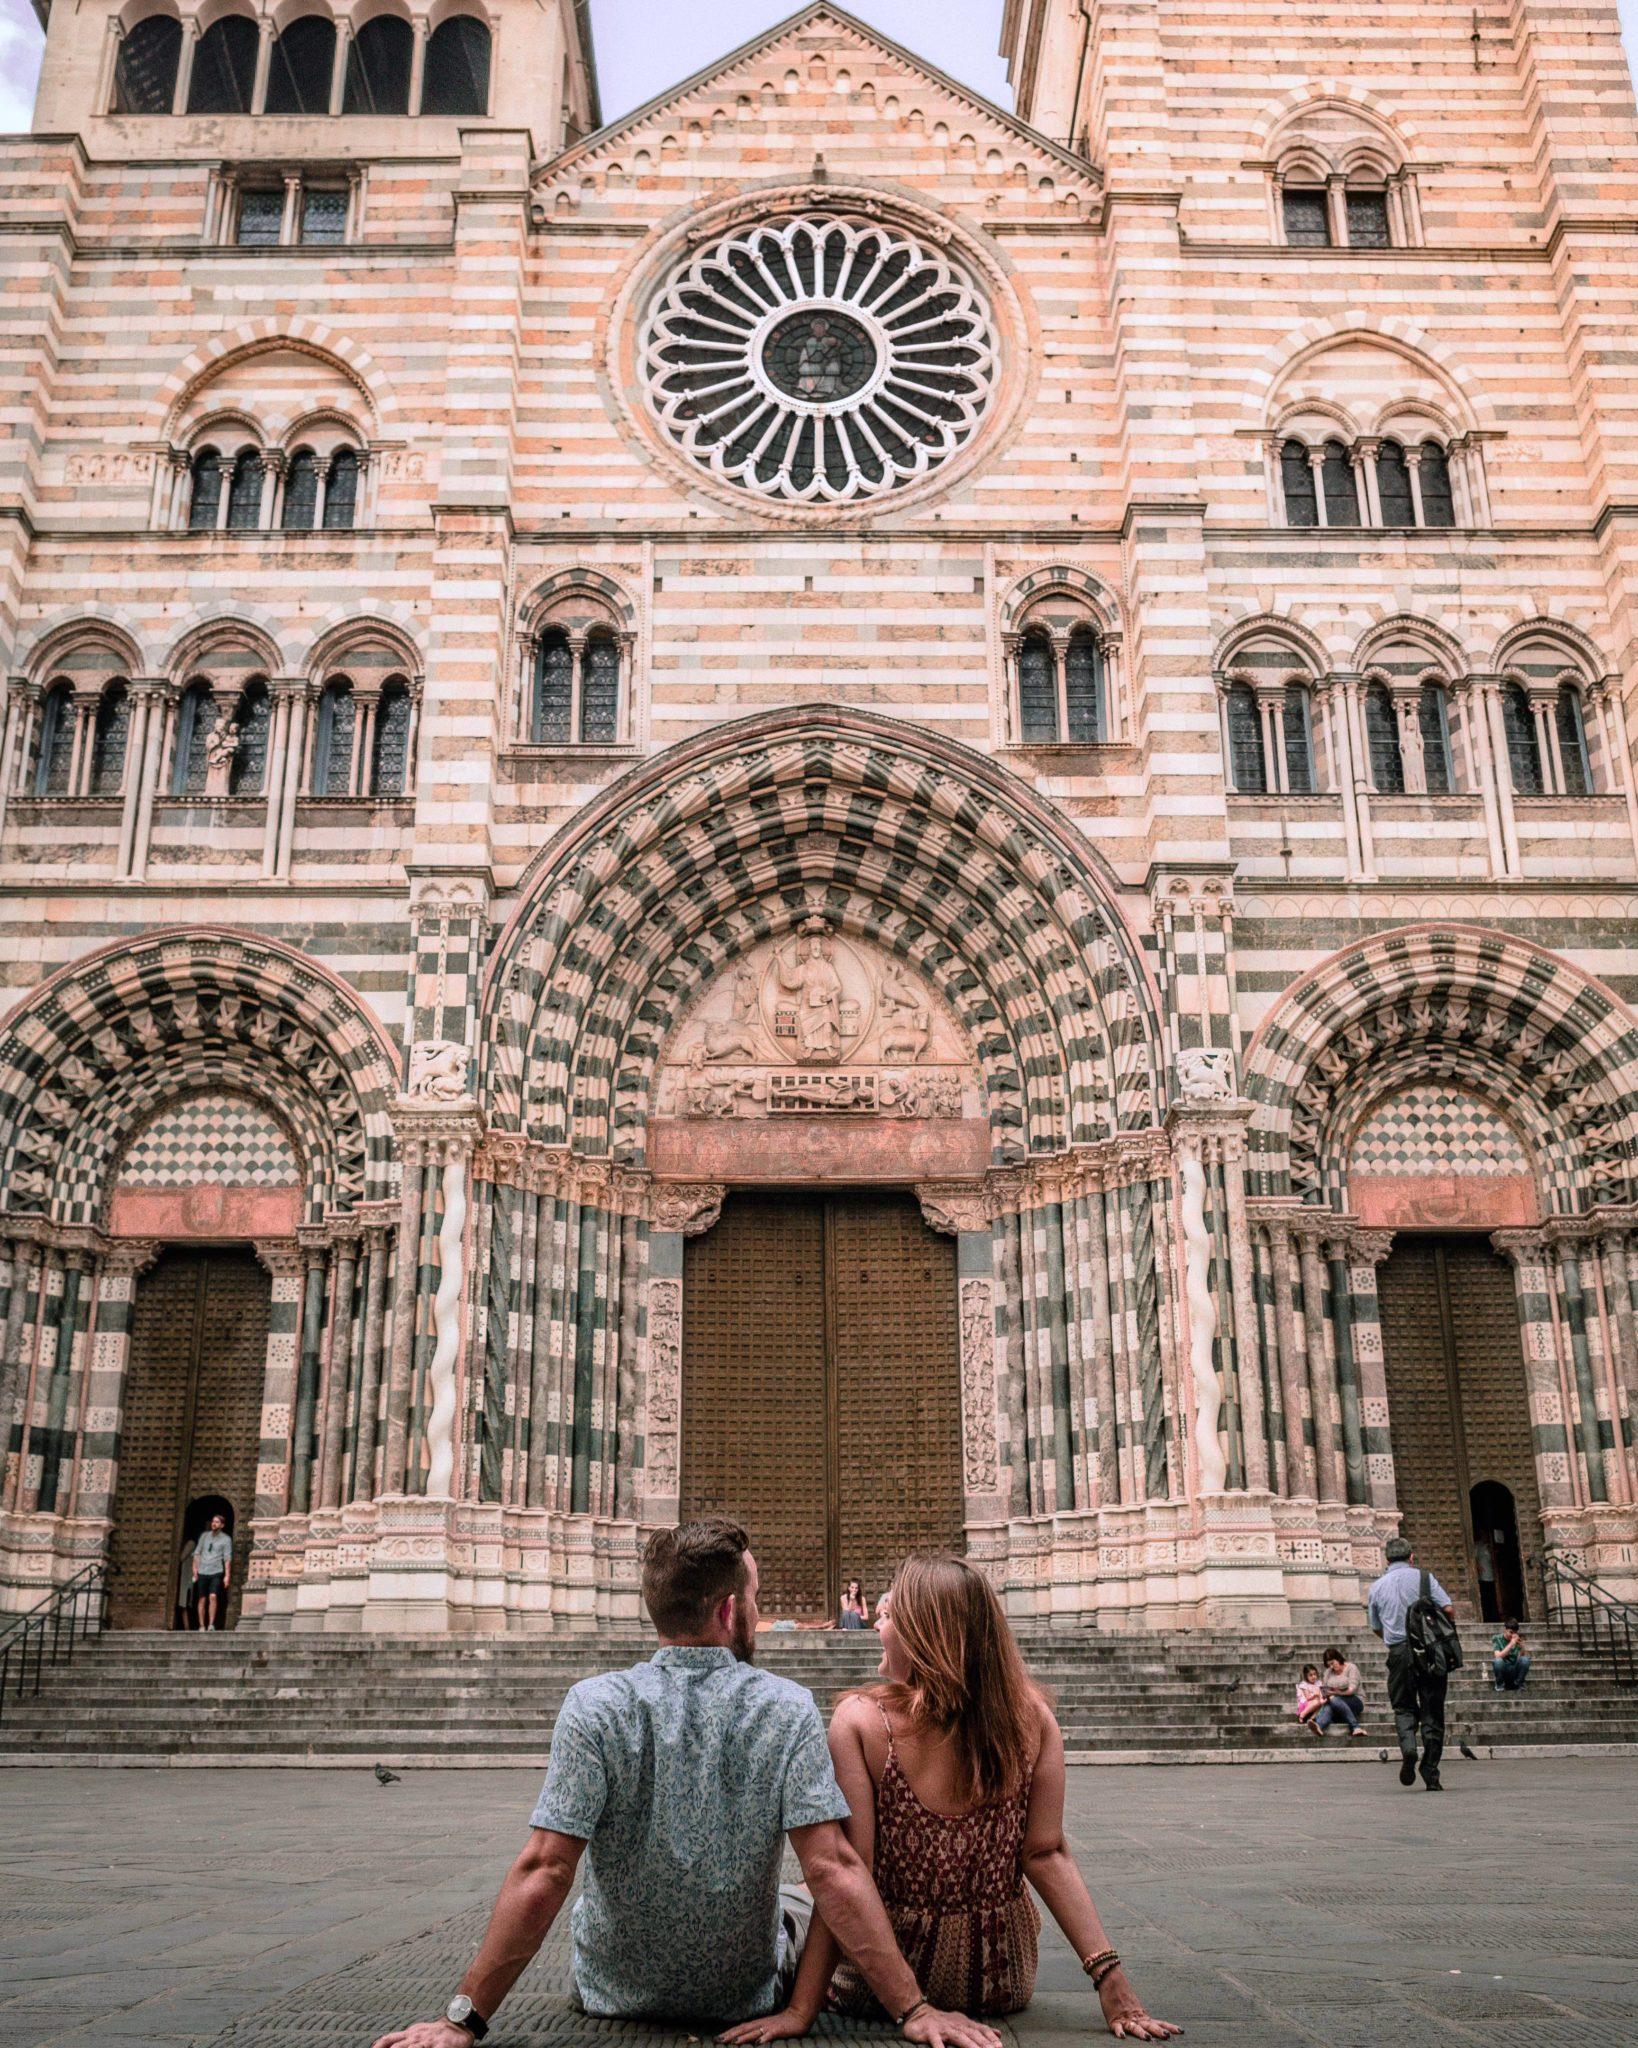 San Lorenzo cathedral in Genoa